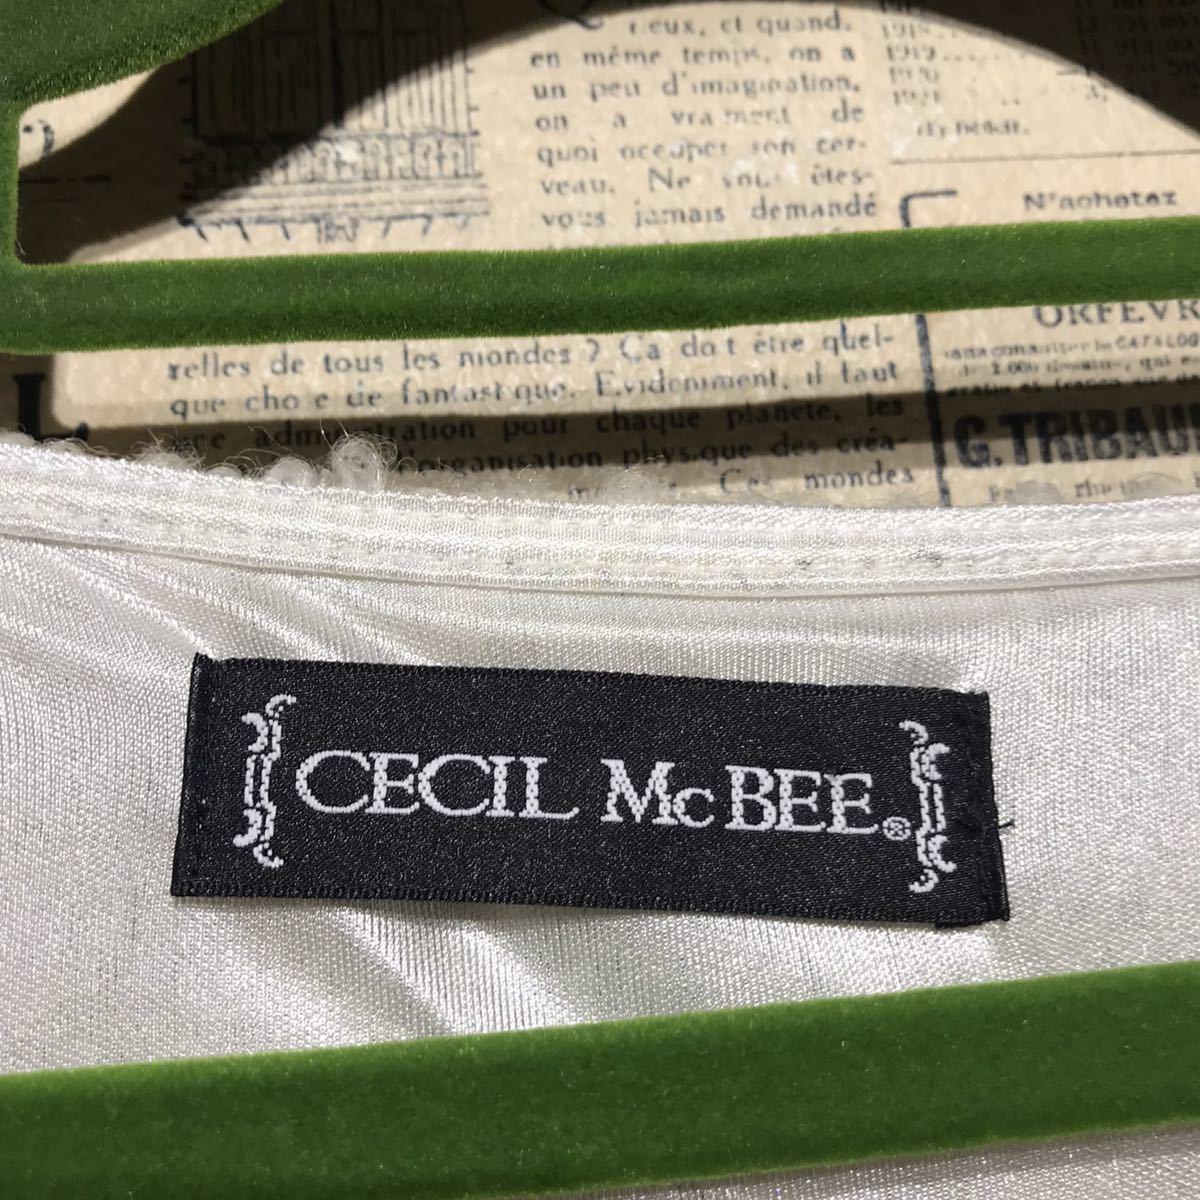 CECIL McBEE セシルマクビー ワンピース サイズM